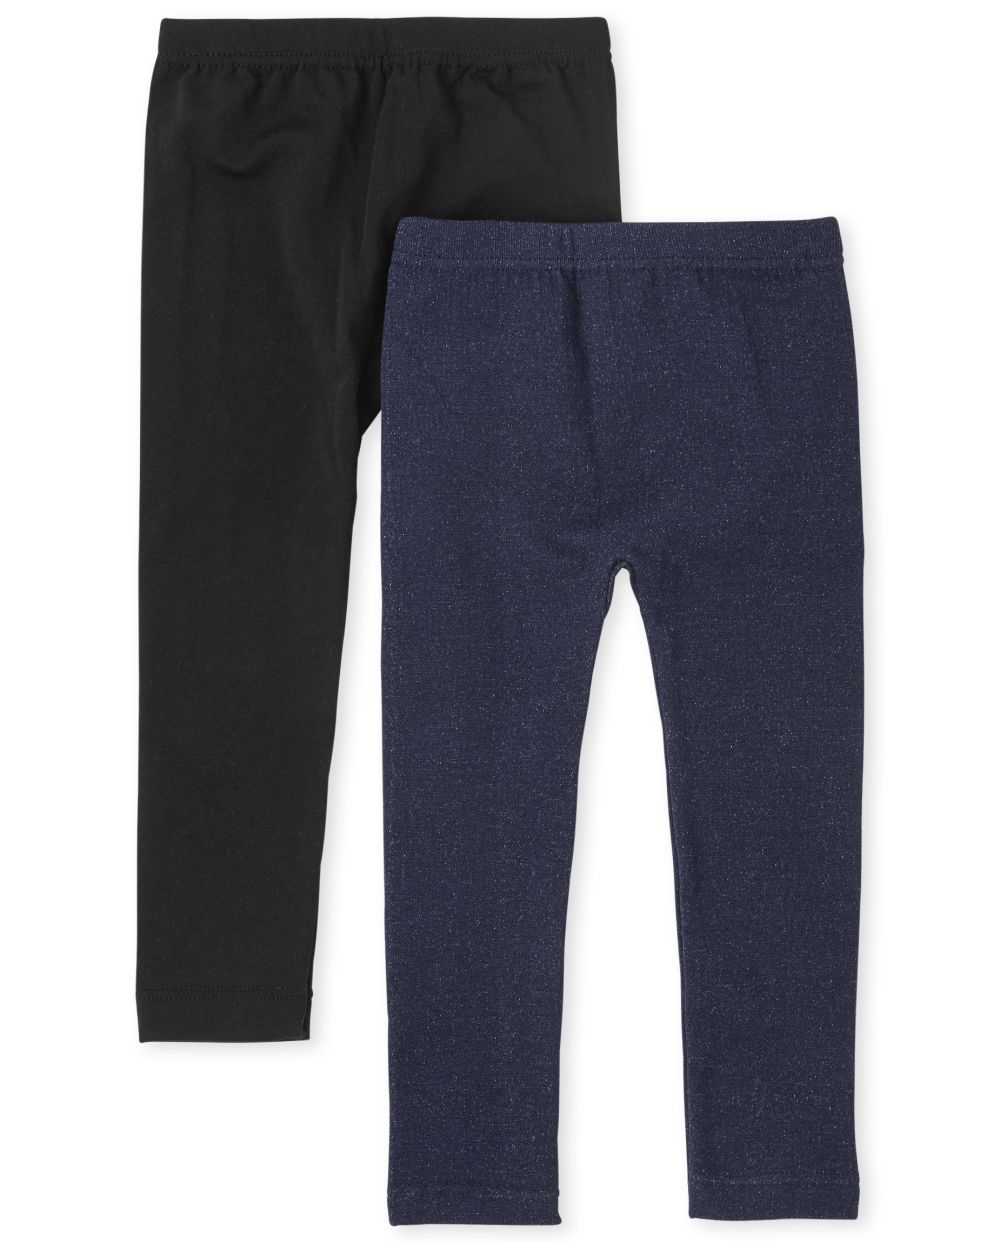 Paquete de 2 leggings con forro polar para niñas pequeñas